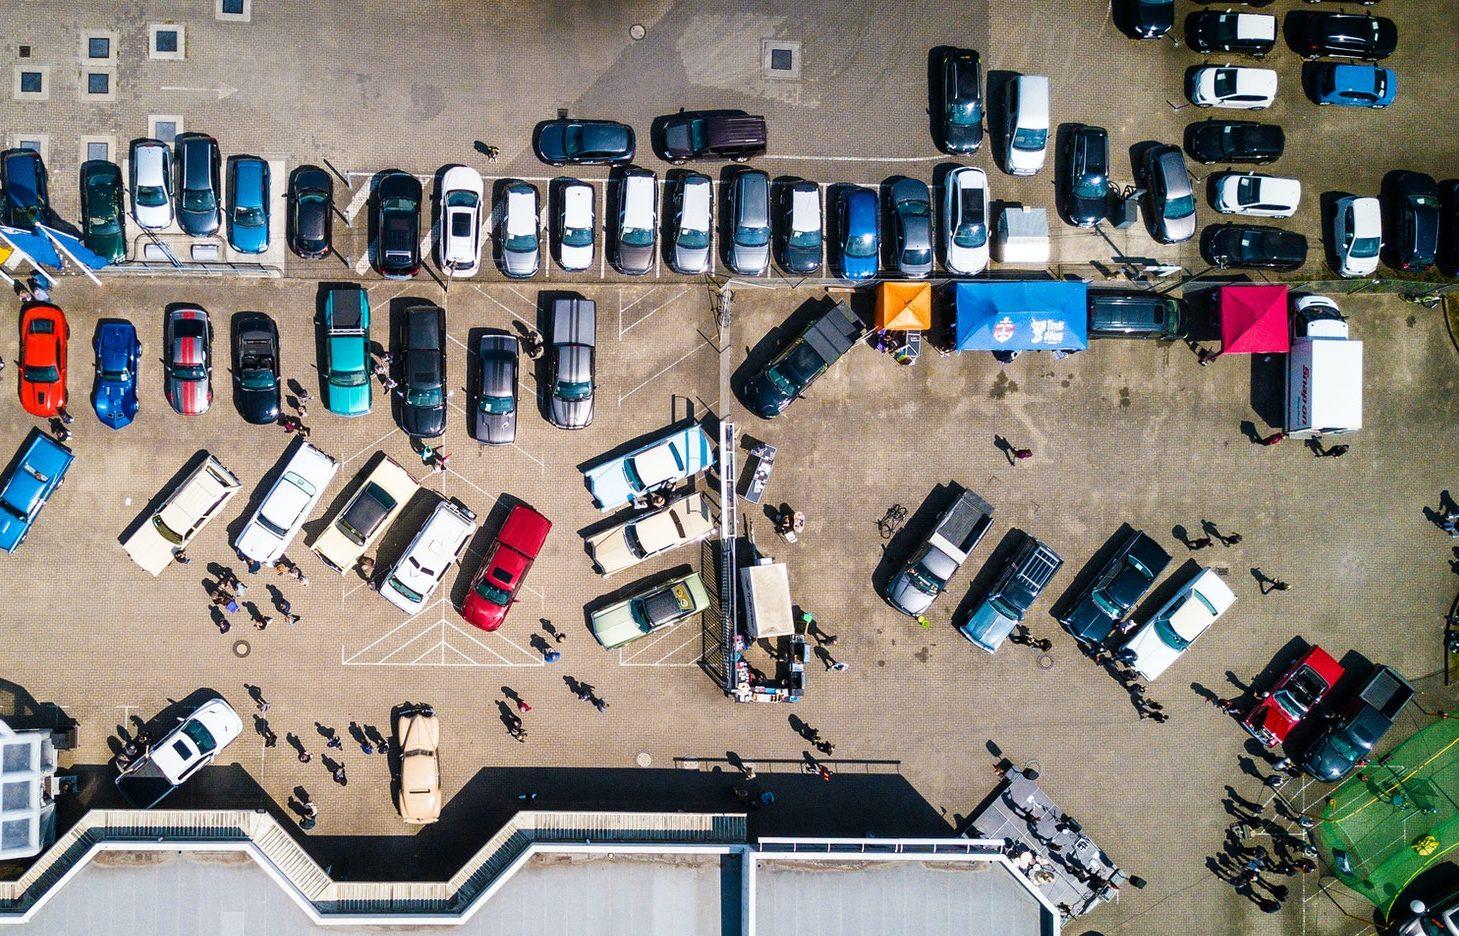 Из-за припаркованных автомобилей пожарные не могут попасть во дворы многоэтажек